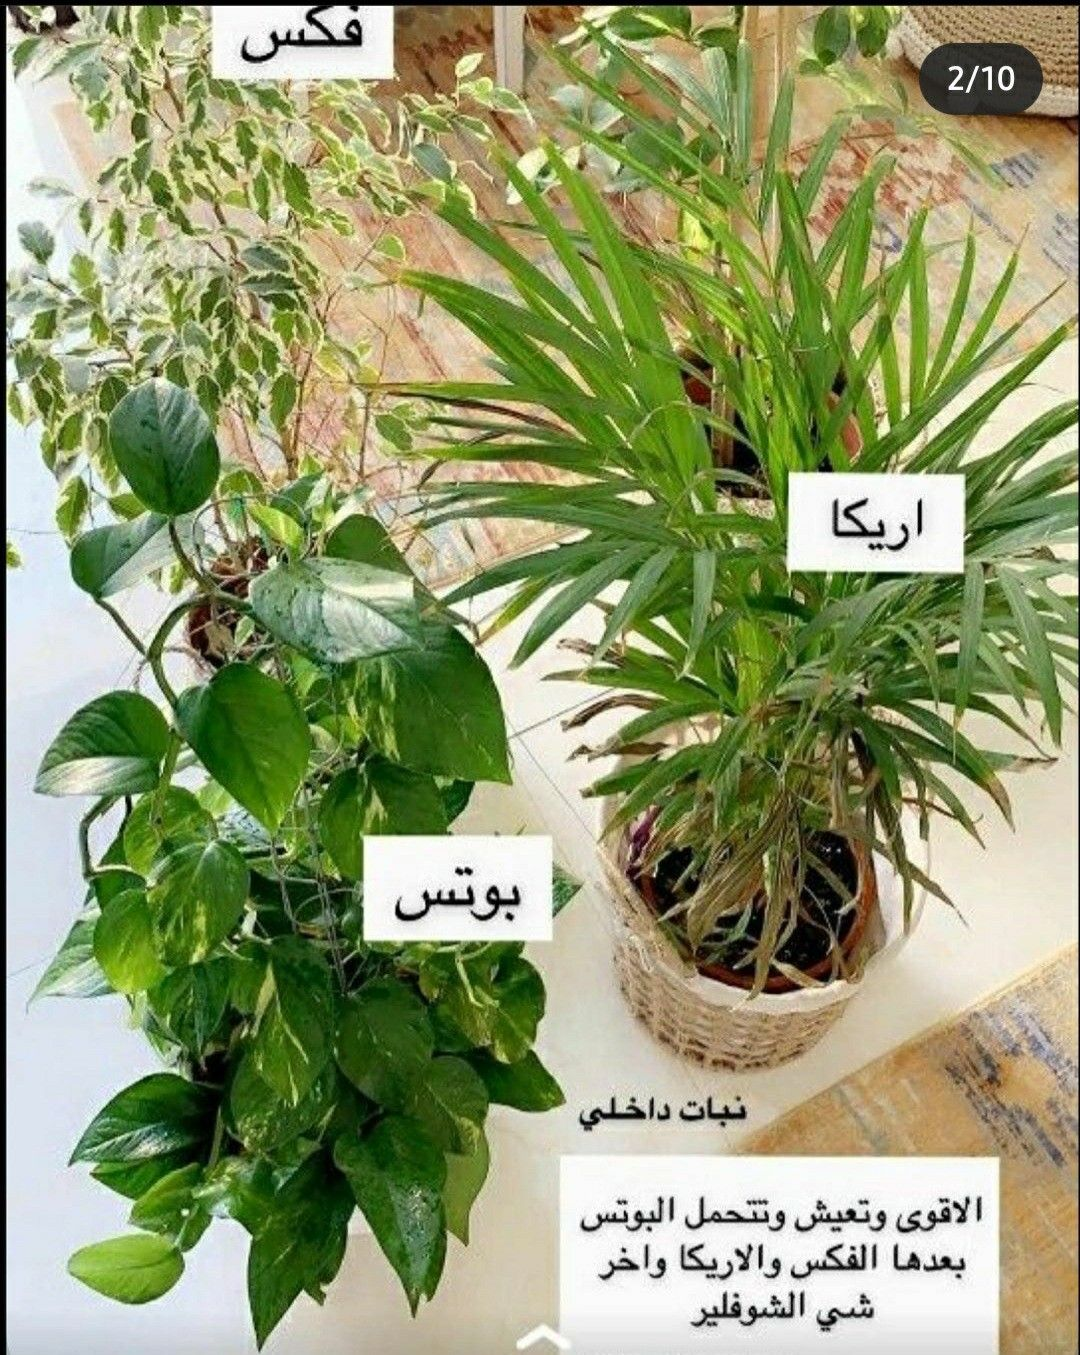 Pin By Sara On نباتاتي الداخلية Indoor Plants Vegetable Garden Planning Indoor Plants Planting Roses